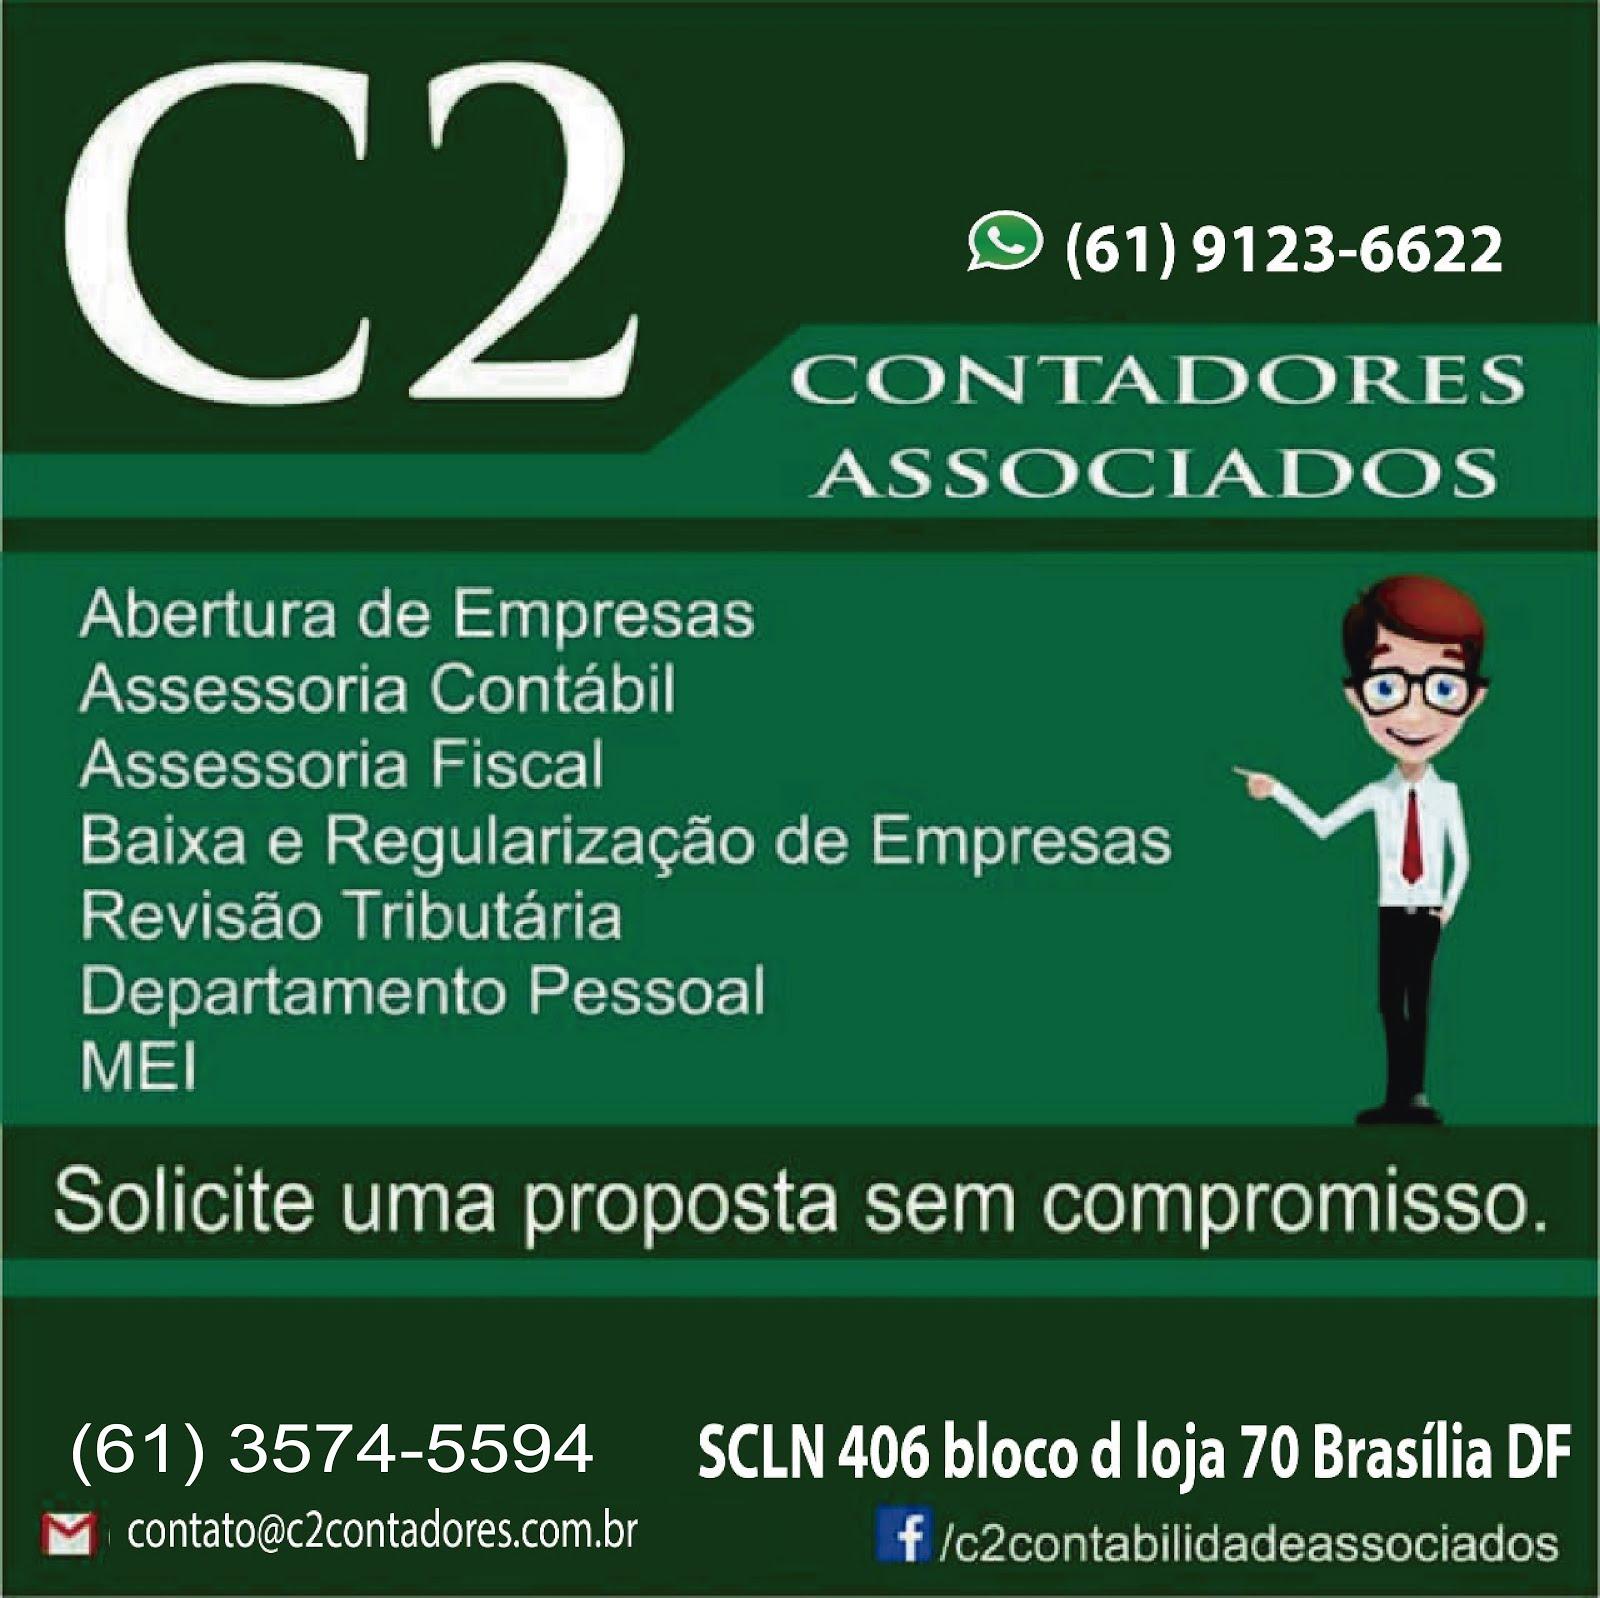 C2 CONTADORES